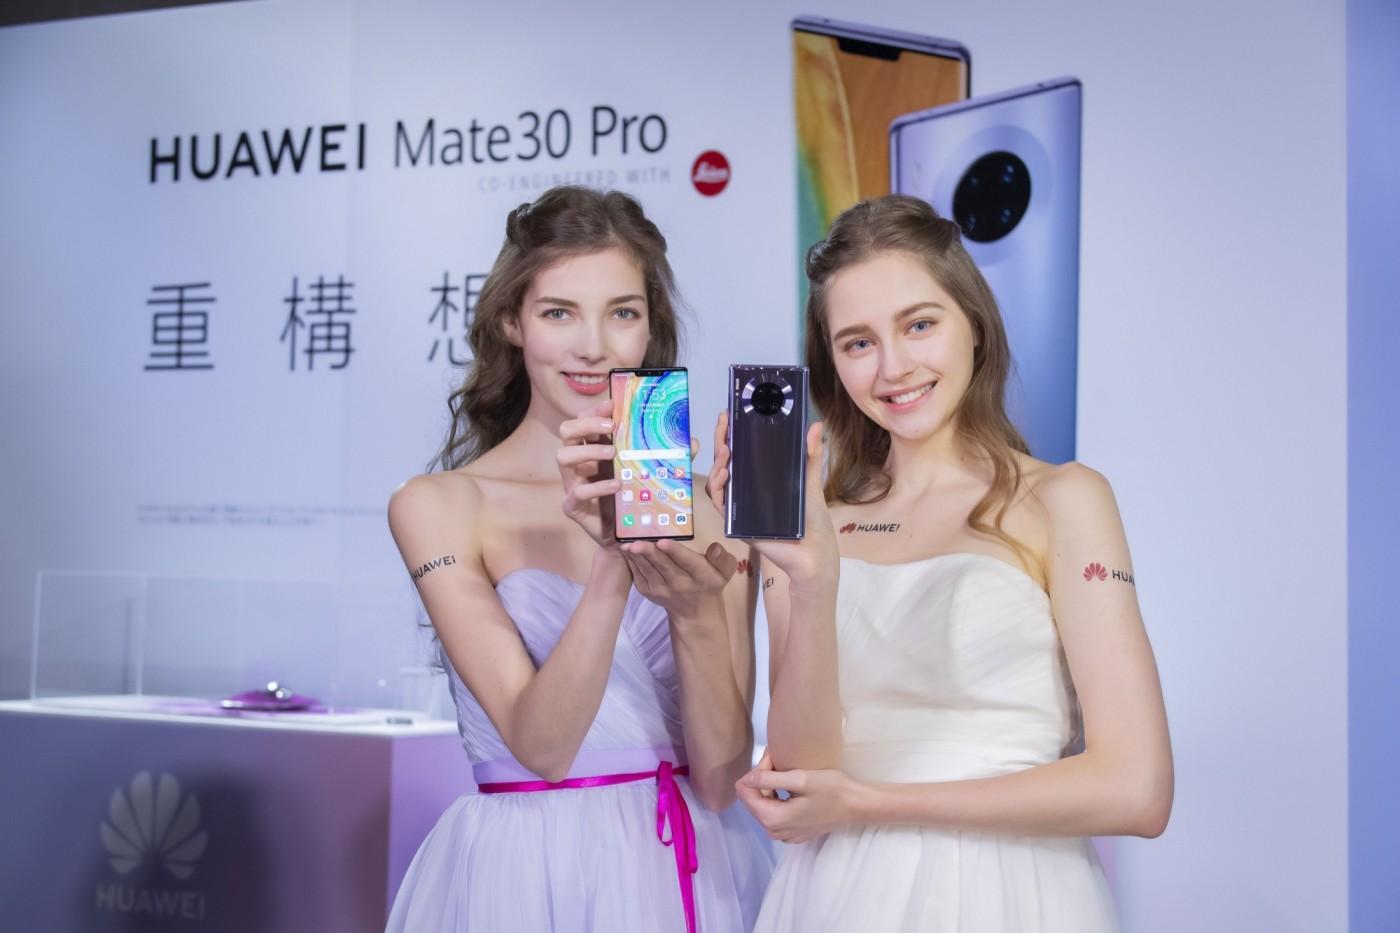 標示「中國台灣」就不給賣!NCC修法列管手機、平板、智慧手錶,不改正卻硬賣則可開罰